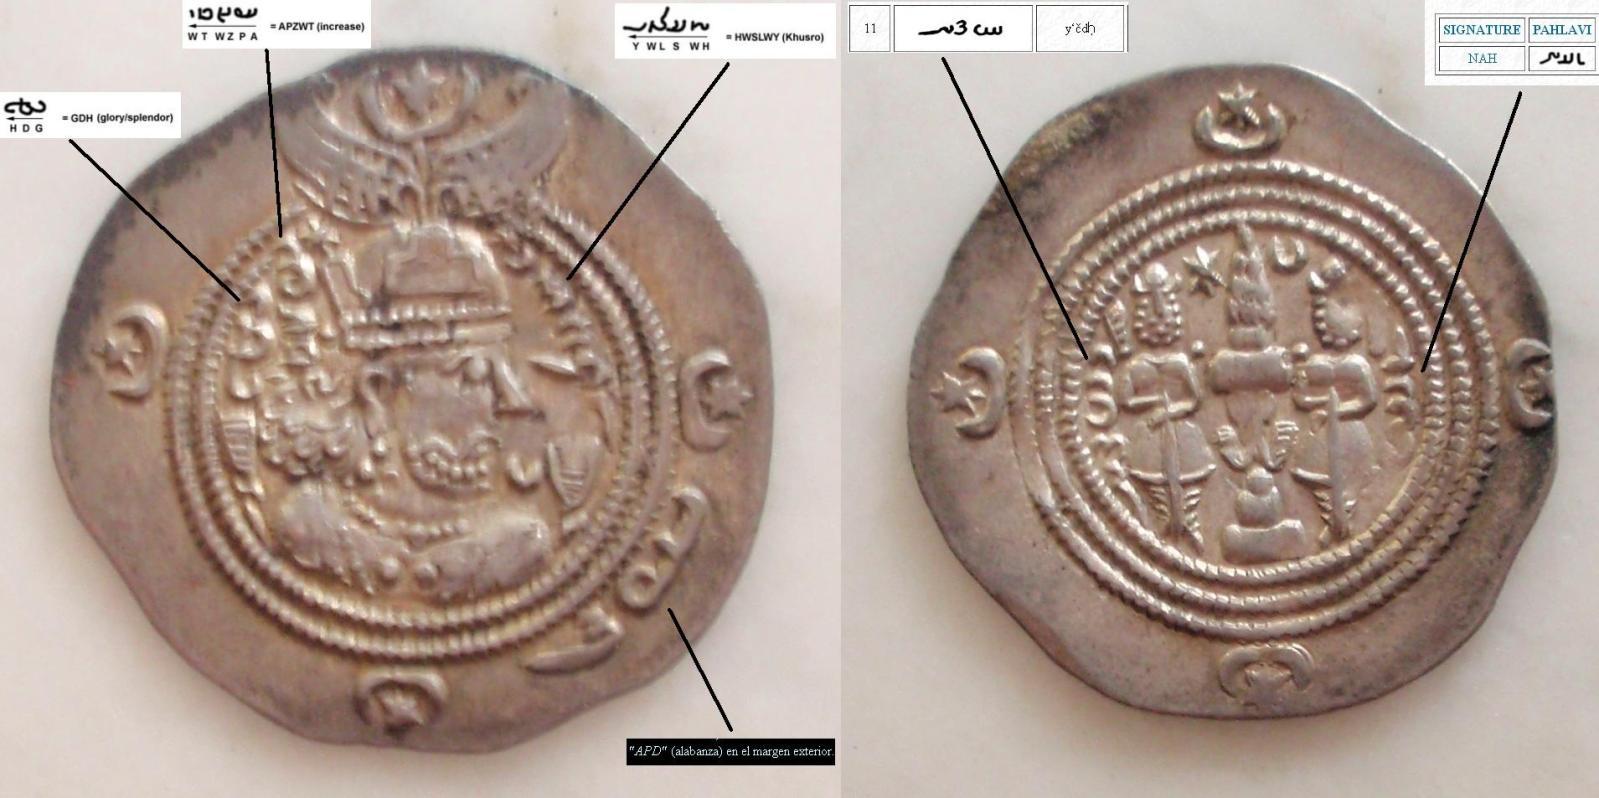 Dracma de Cosroes II. Año 15. Ceca LD. 33n9bx0